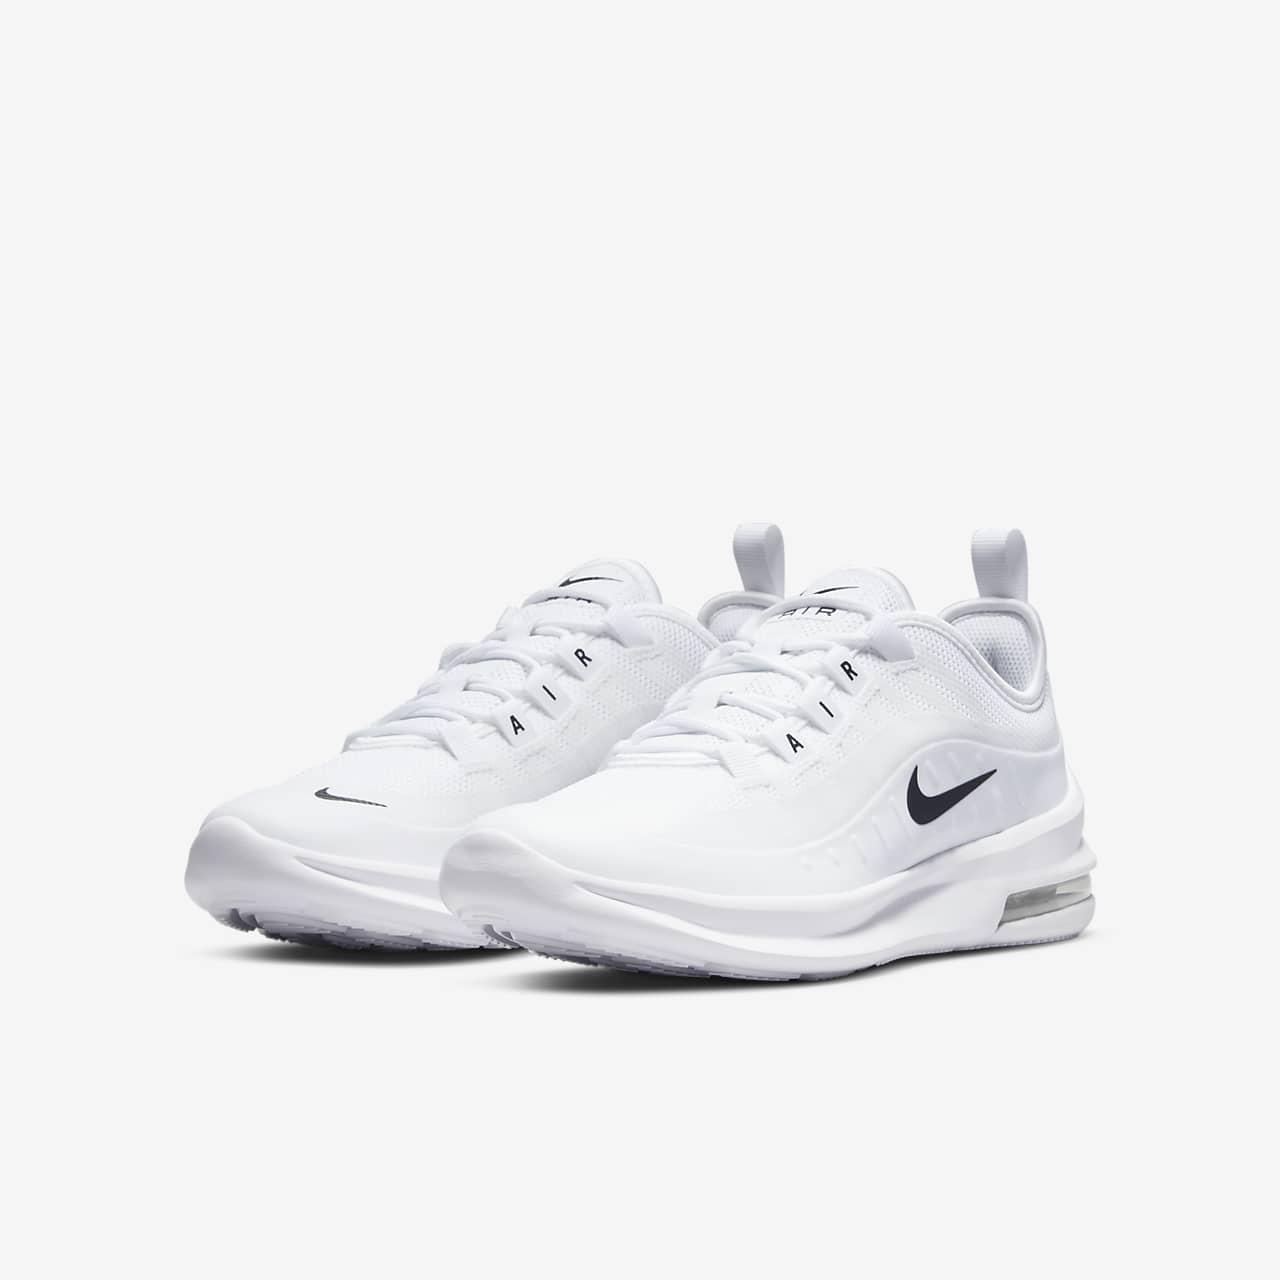 2e6895512cc Nike Air Max Axis-sko til store børn. Nike.com DK